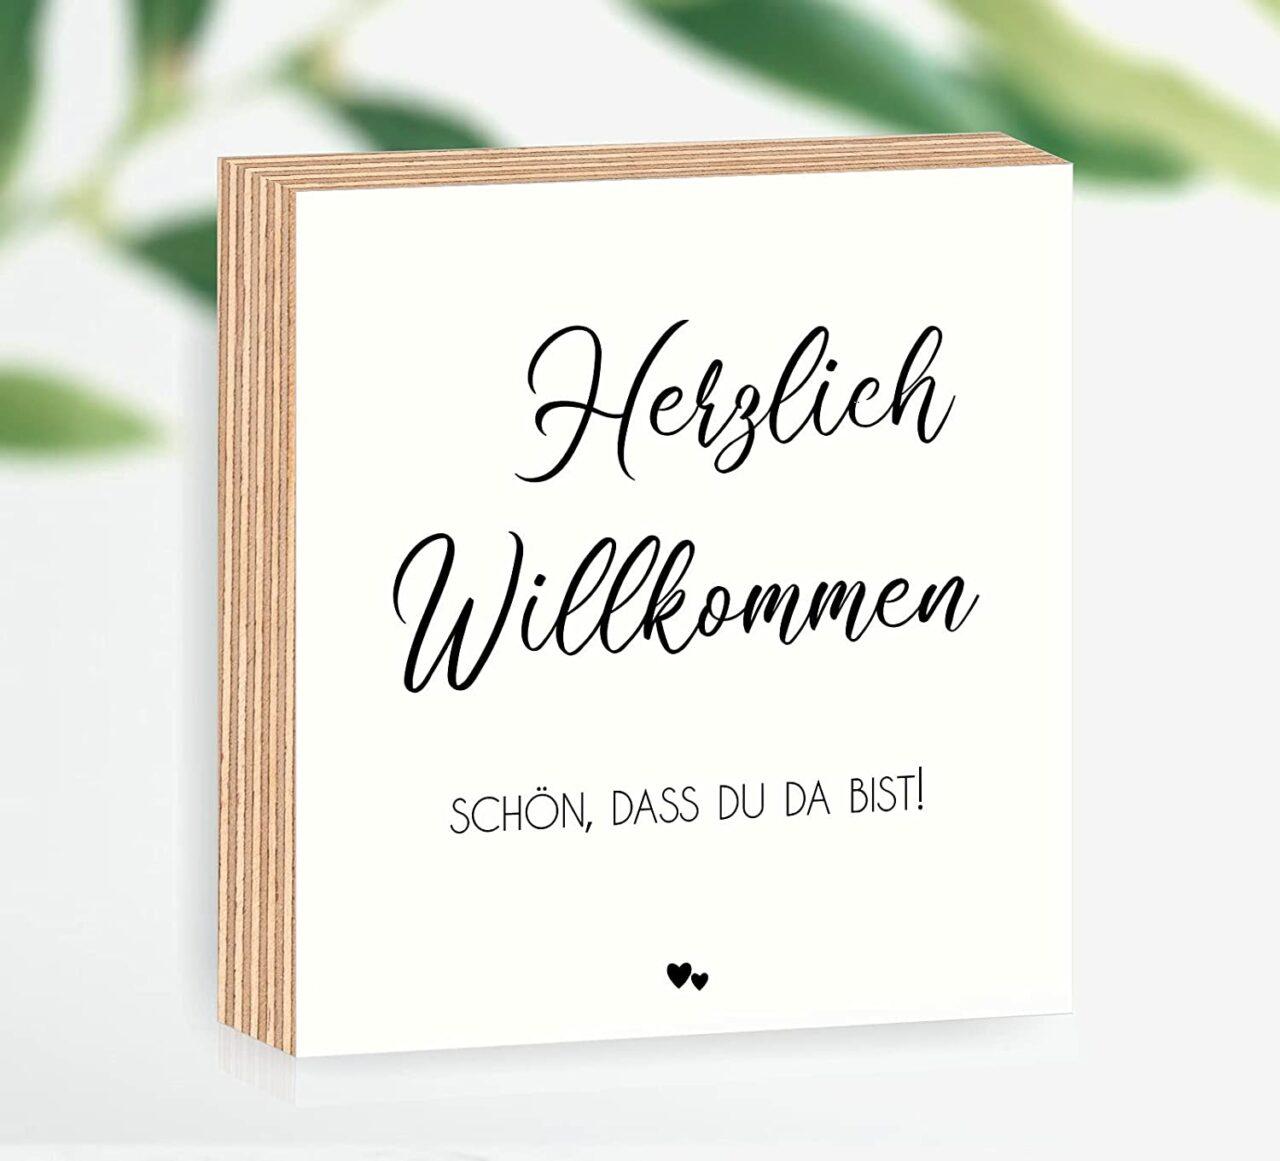 """Holzbild """"Herzlich Willkommen - schön, dass du da bist"""""""